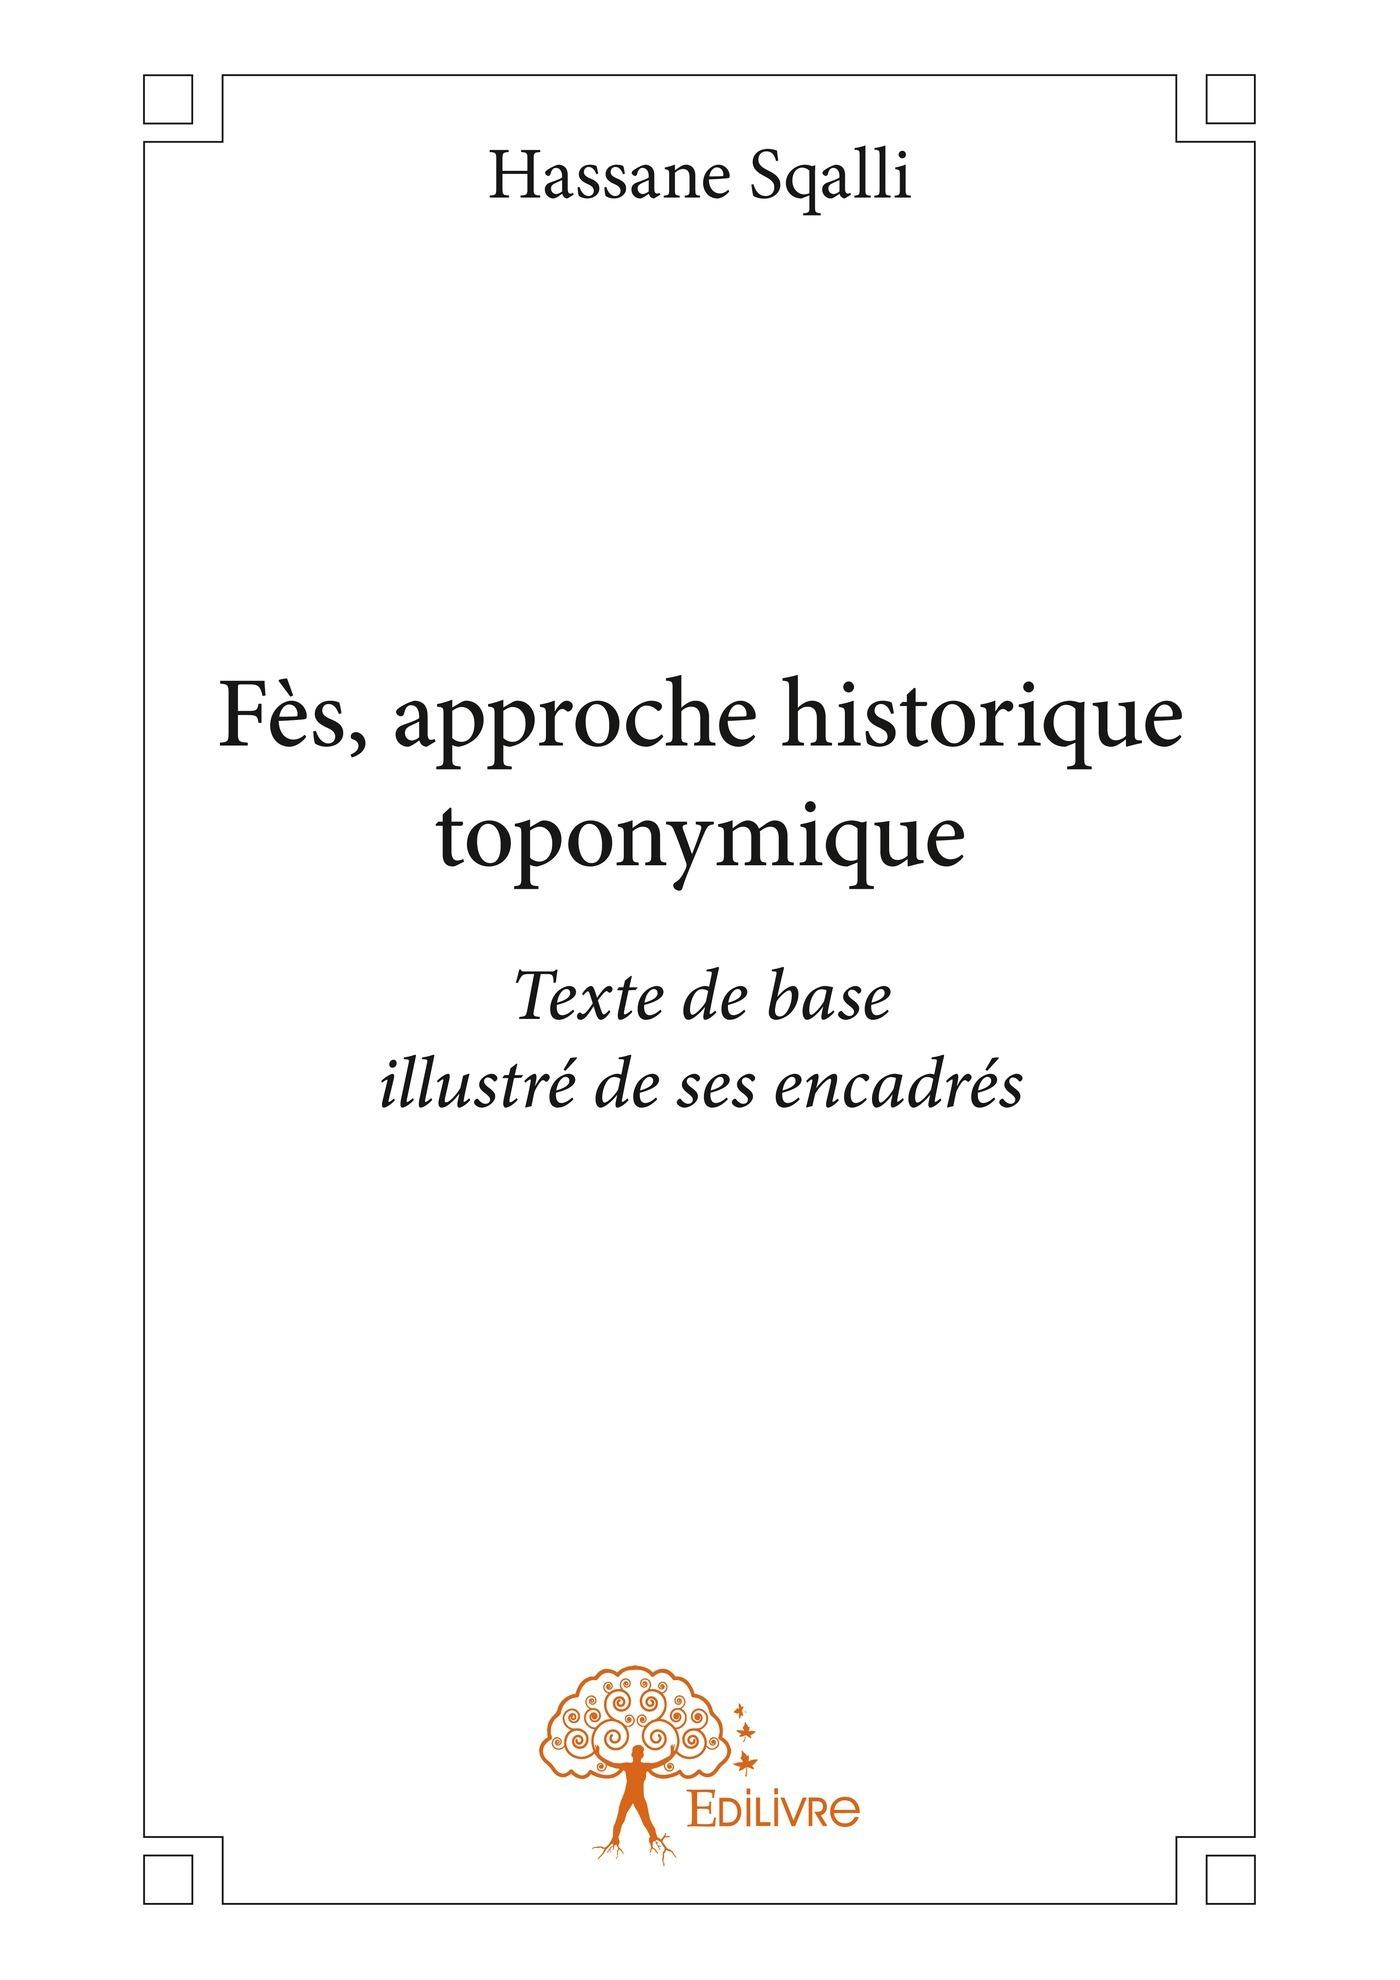 Hassane Sqalli Fès, approche historique toponymique